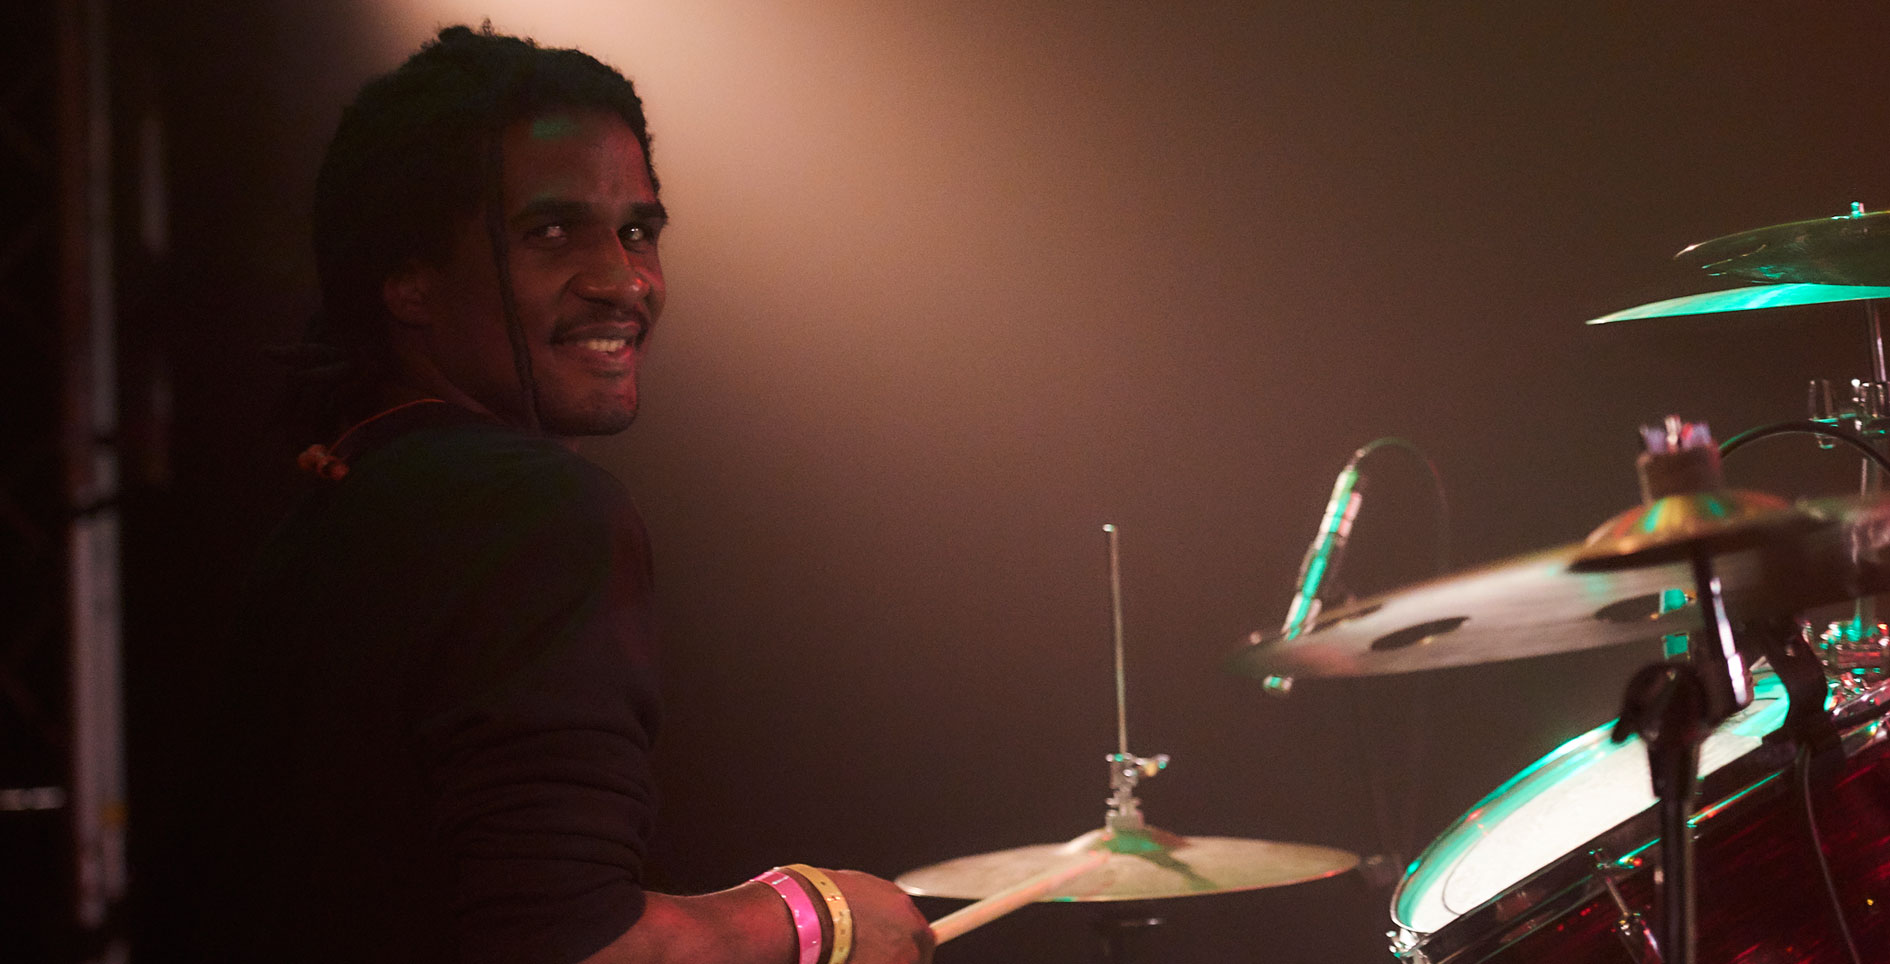 Jean-Emmanuel Fatna